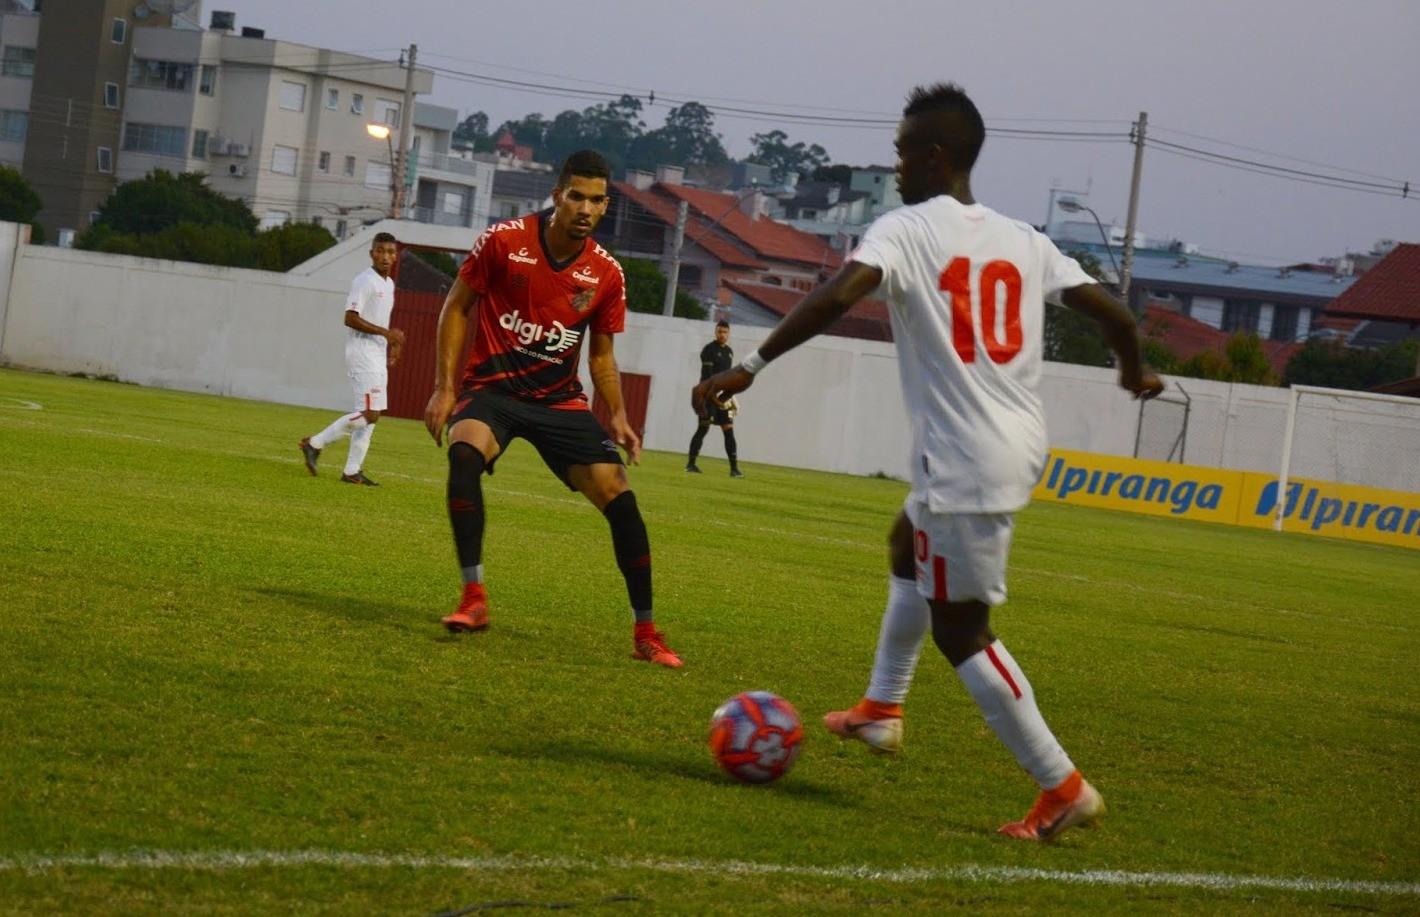 Com denúncia de injúria racial, Athletico-PR e Vasco da Gama estão na semifinal da Copa Ipiranga Sub-20